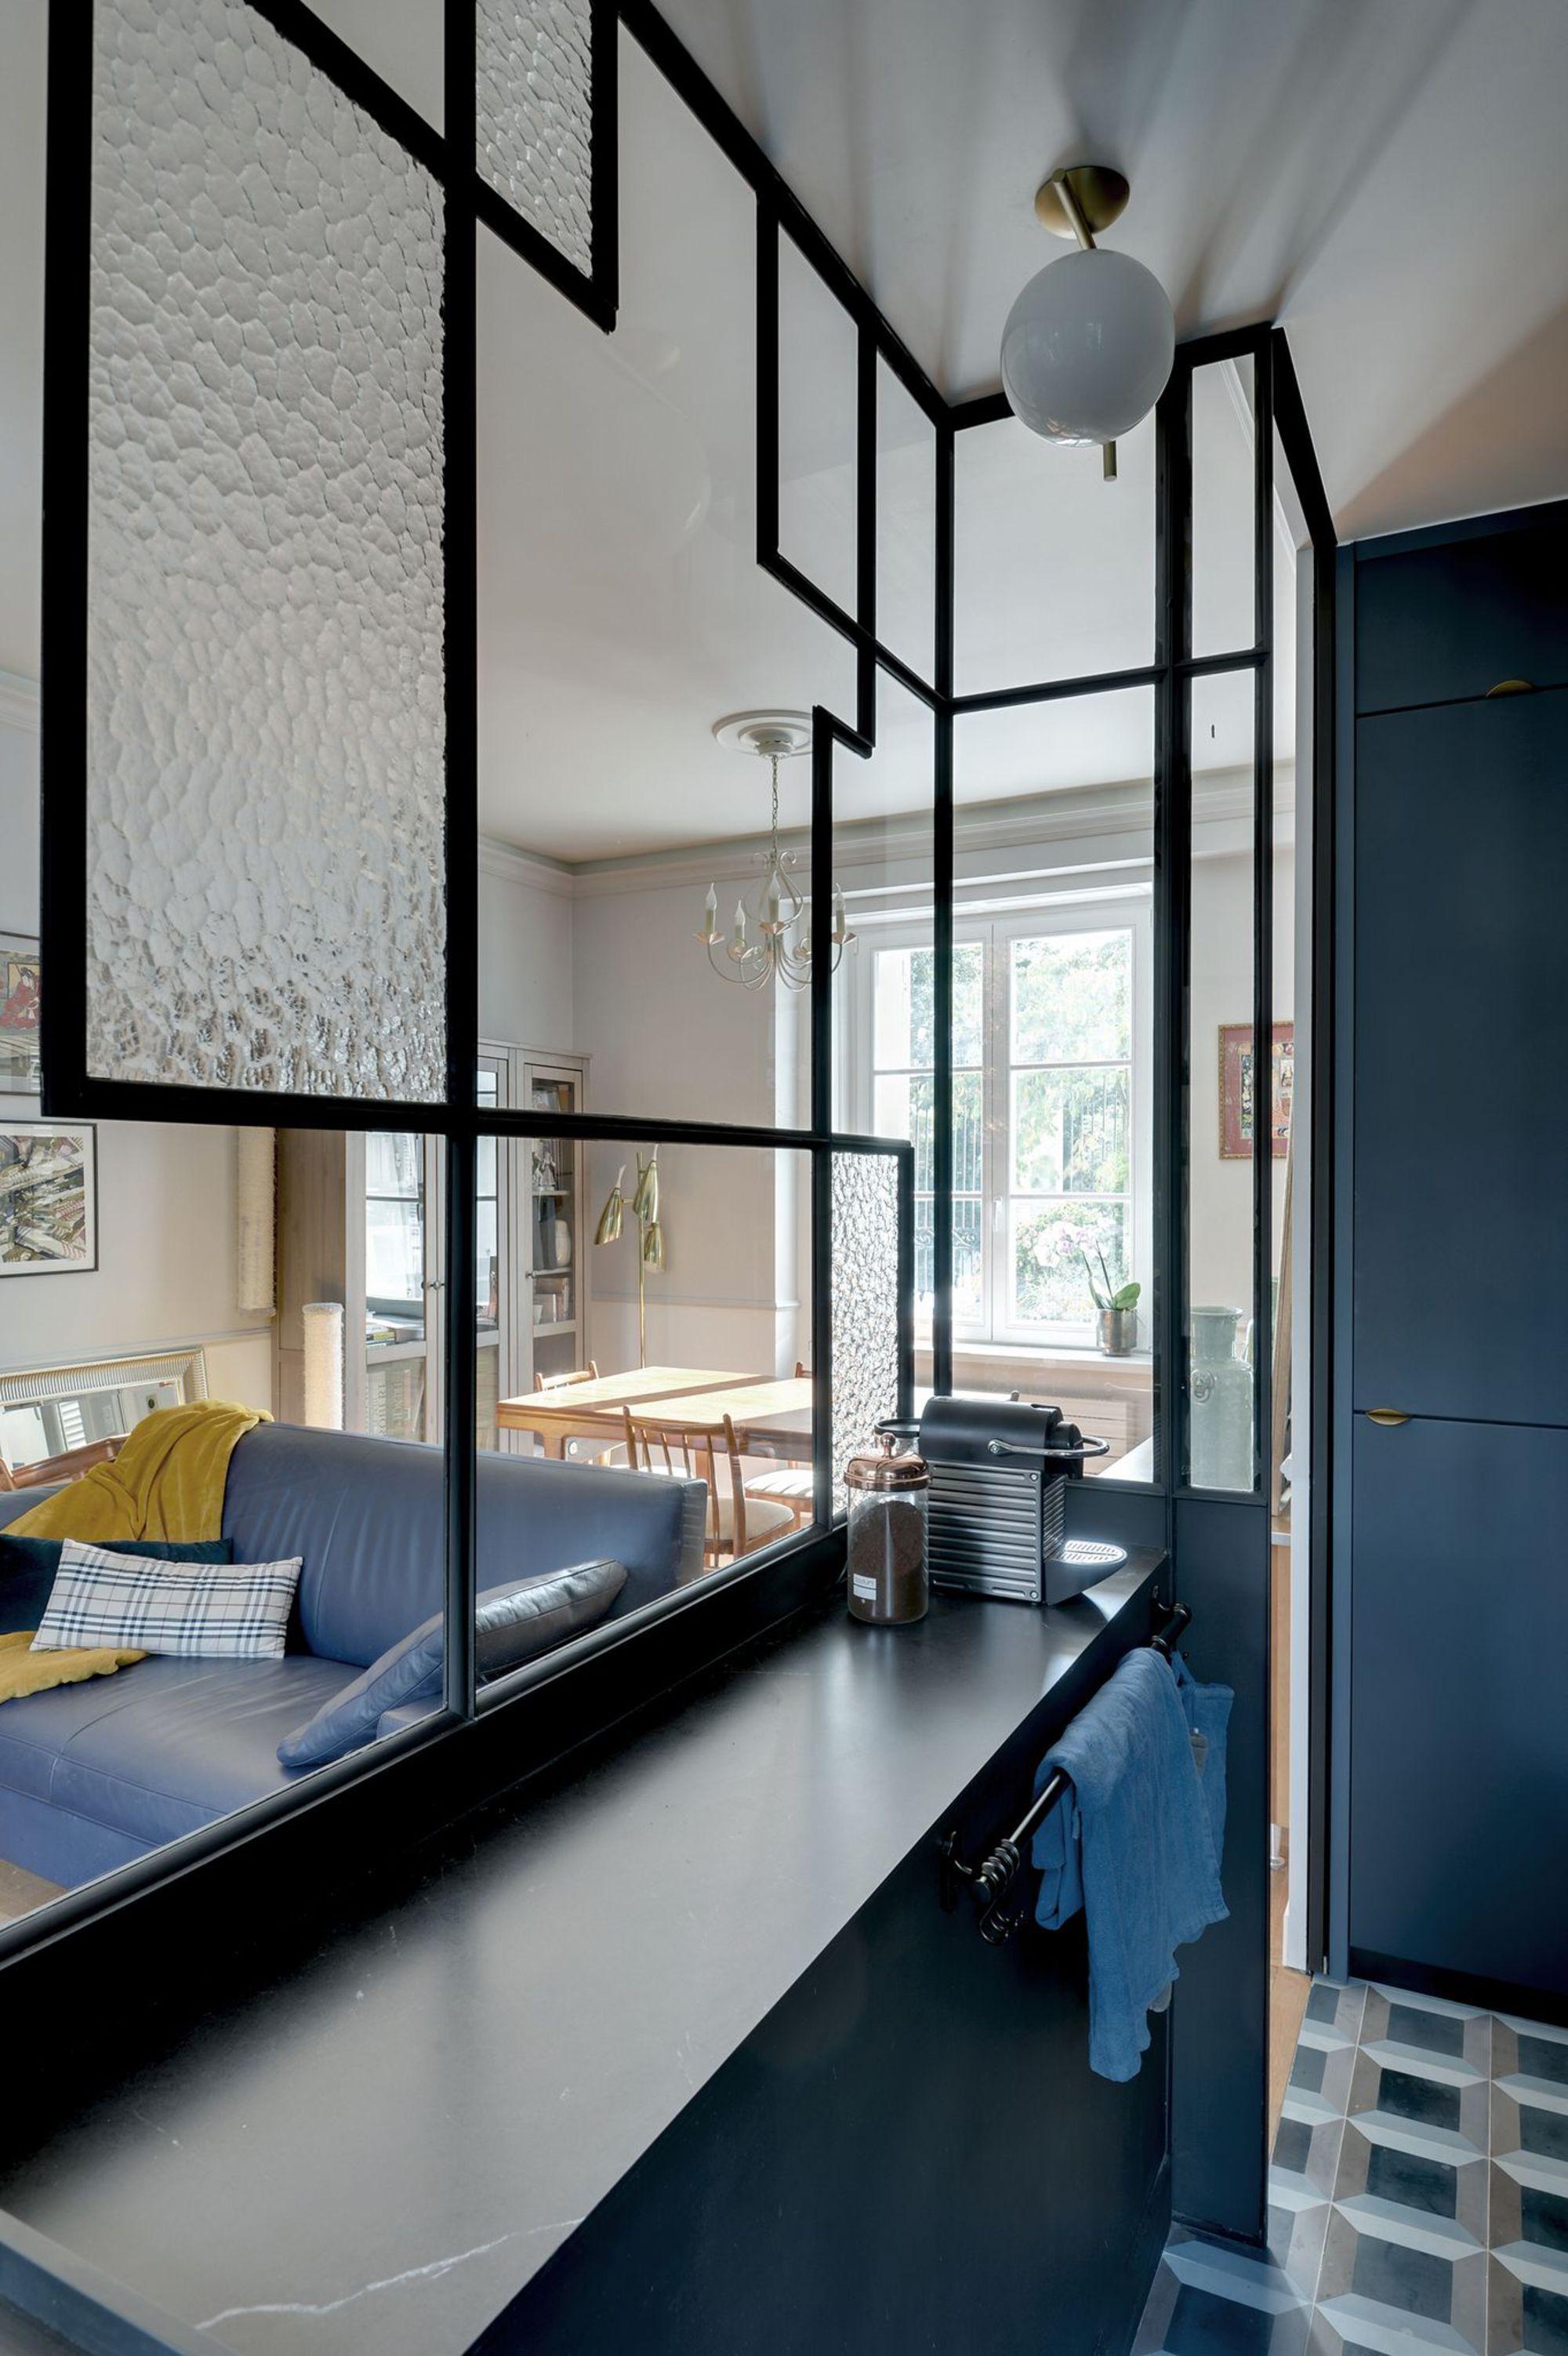 Dans une cuisine étroite, la verrière apporte une grande lumière à